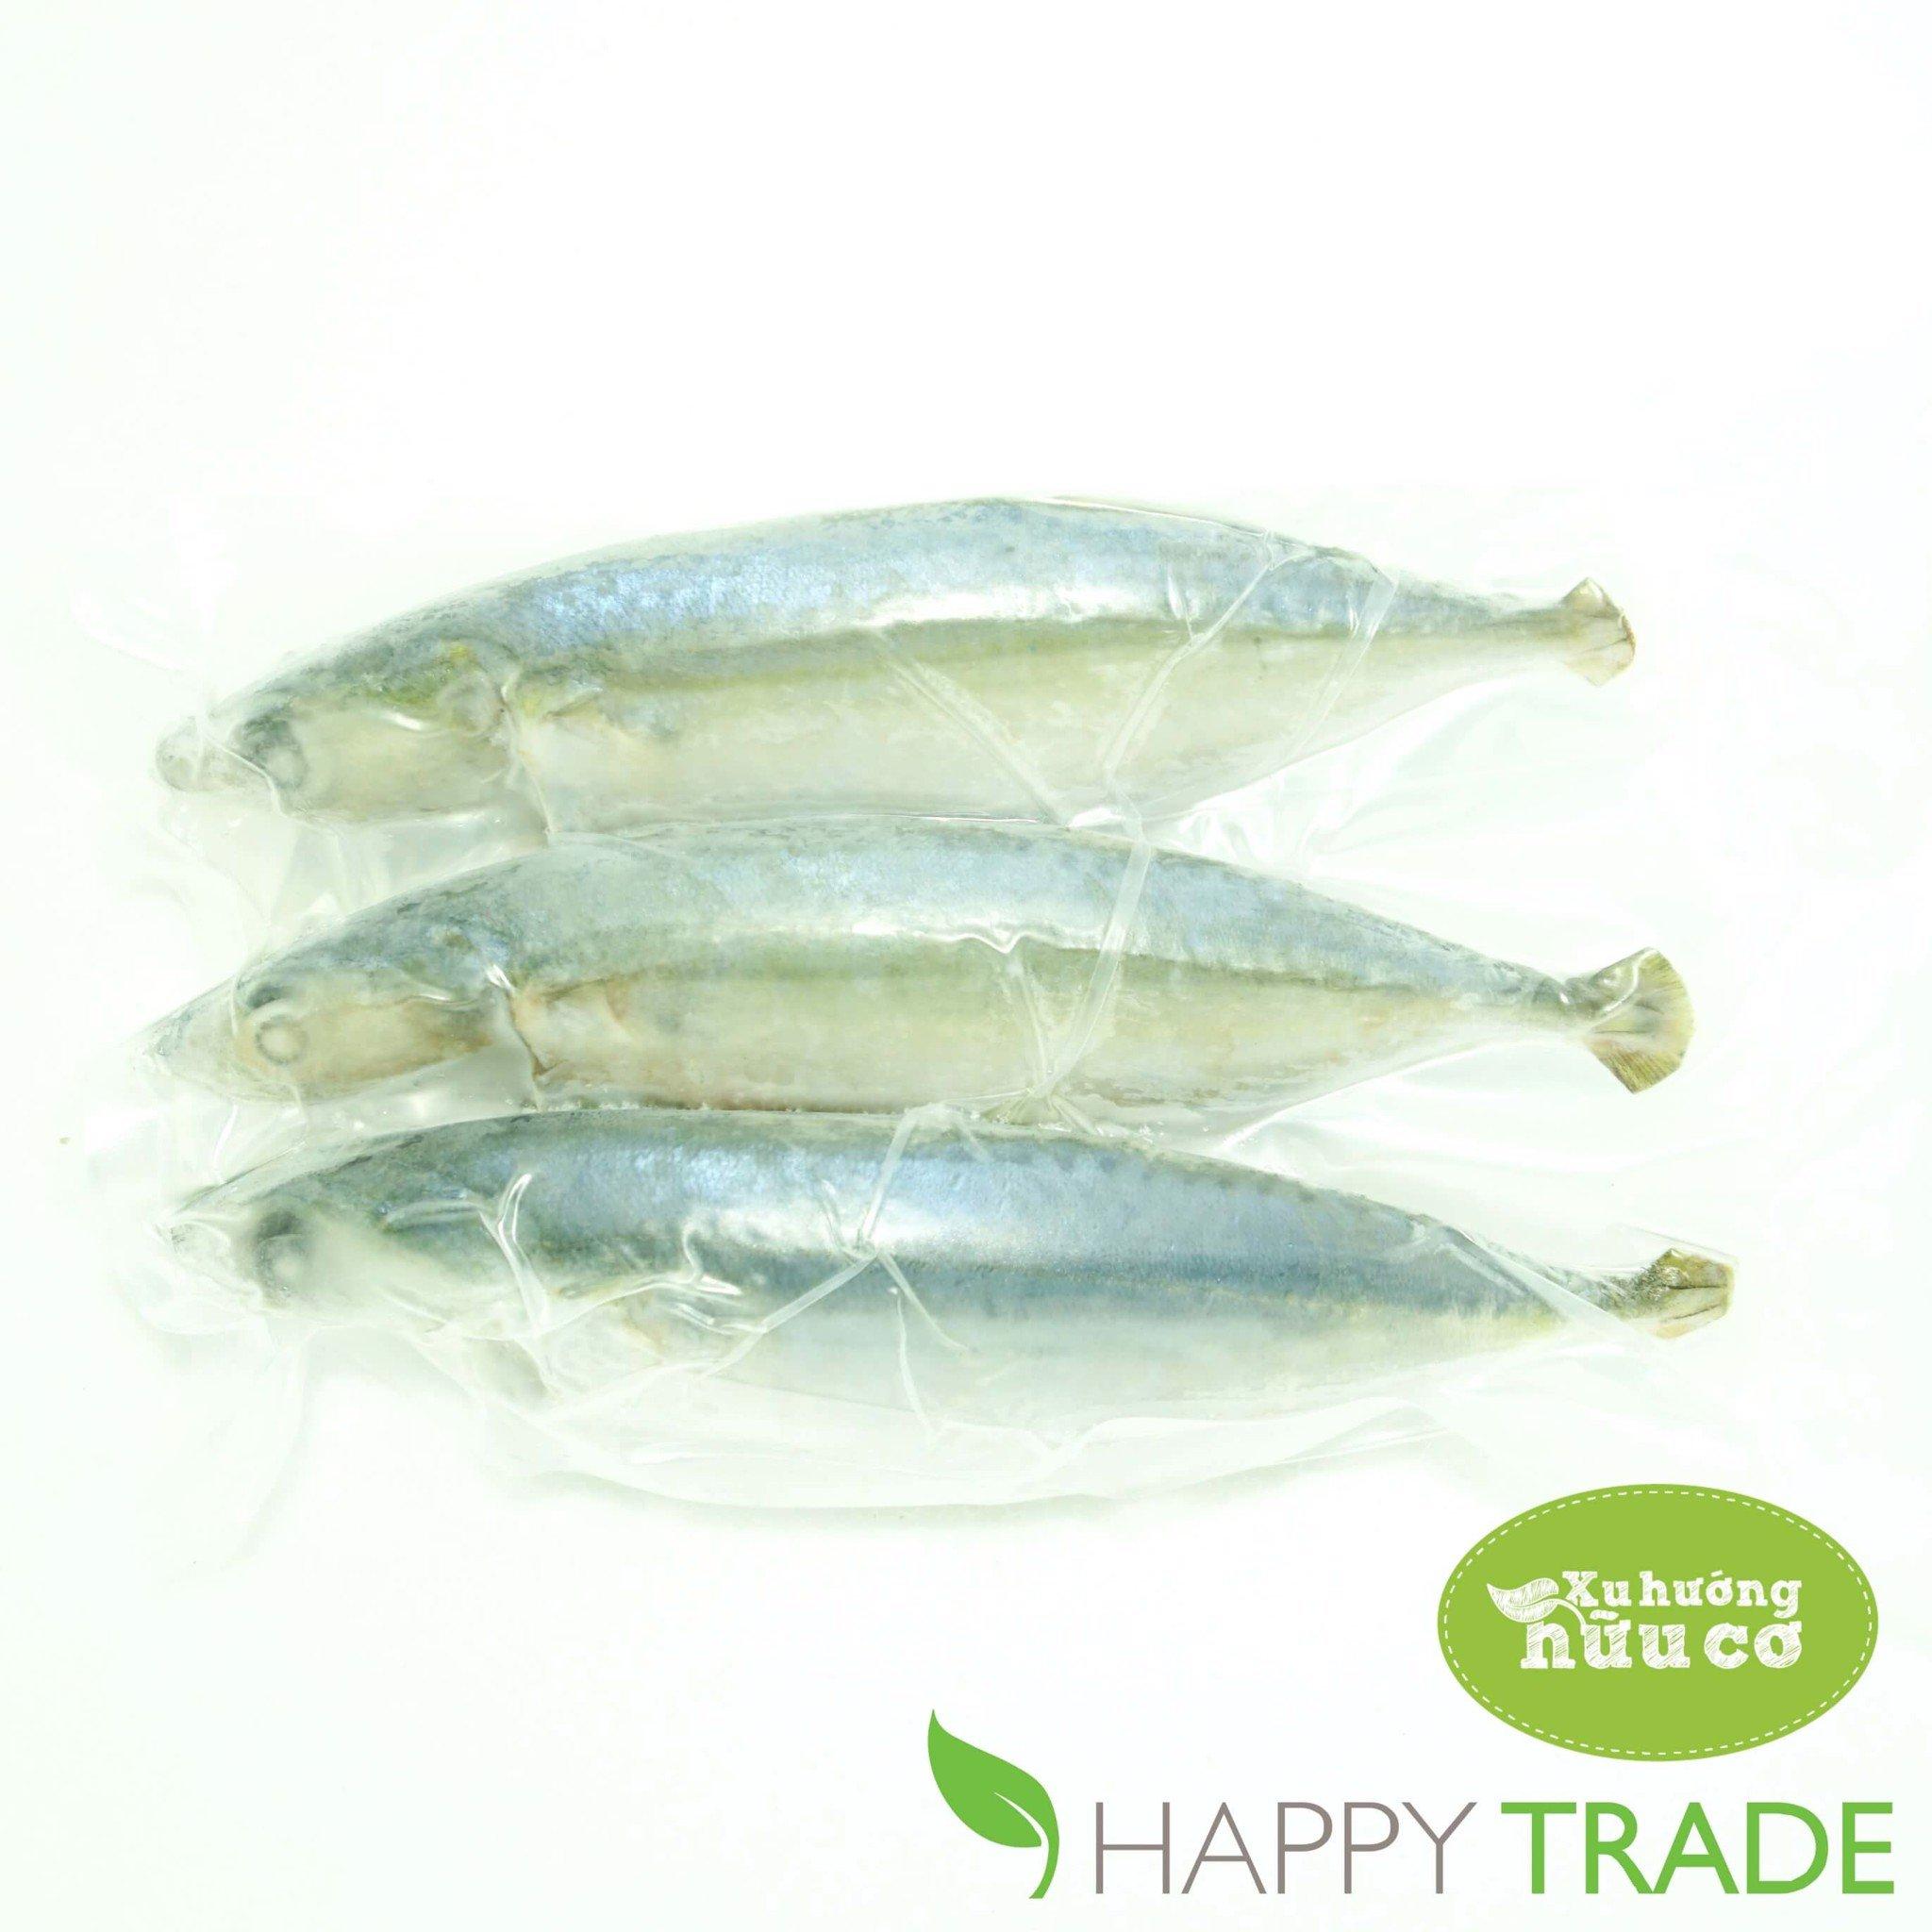 Cá bạc má Ích Hữu 350g